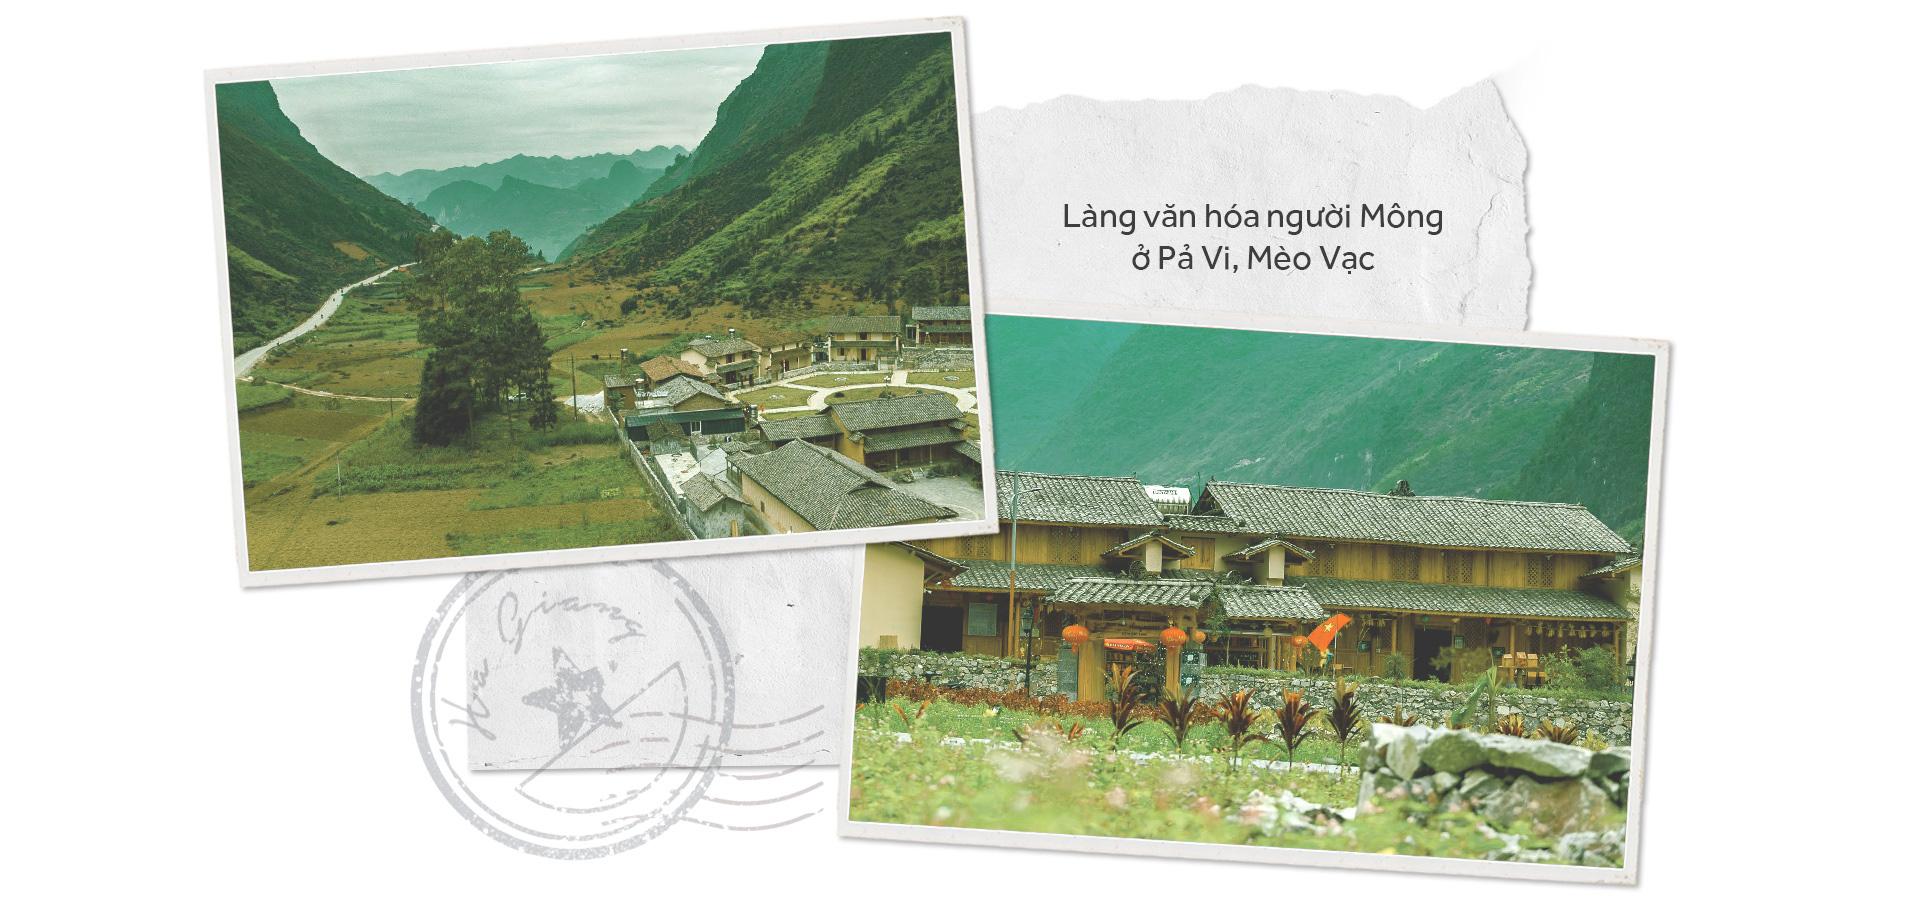 55 năm Cung đường Hạnh Phúc trên trập trùng núi đá Hà Giang - Ảnh 24.